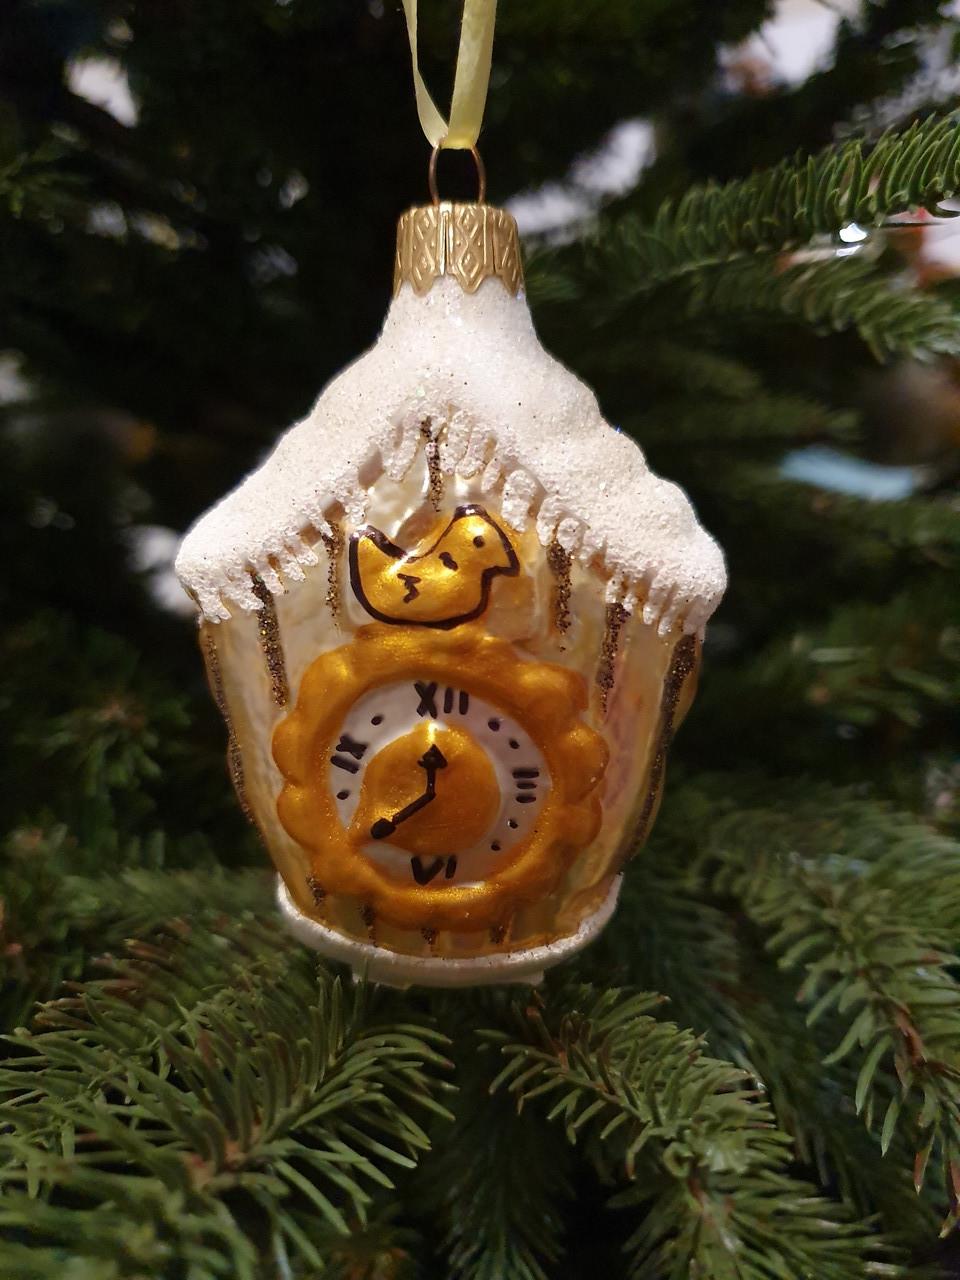 """Новогодняя елочная игрушка """"Часы с кукушкой"""""""